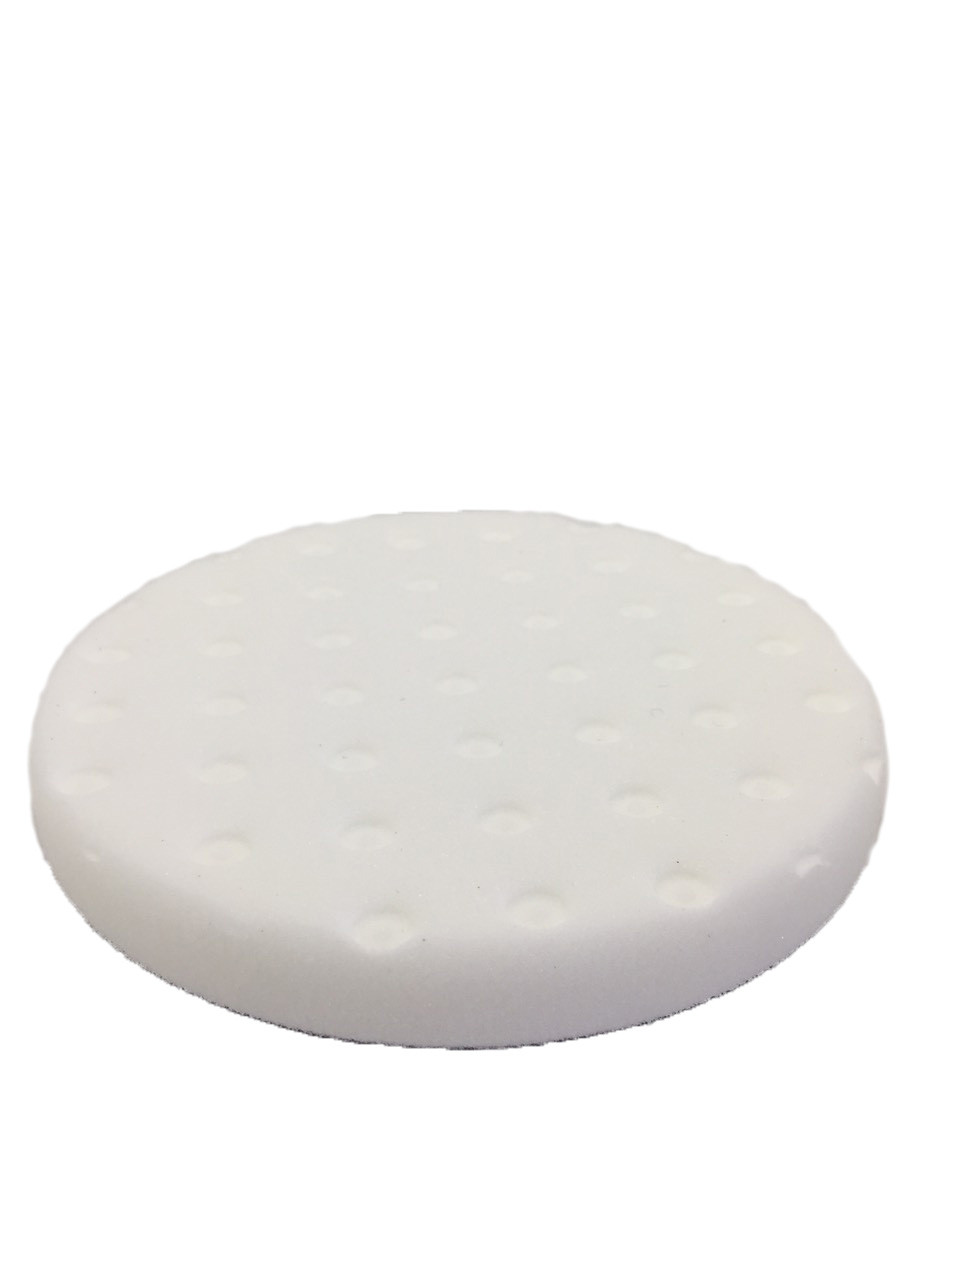 Полировальный круг антиголограмный - Lake Country Cutback DA Soft White Foam 150 мм. (78-62650CCS-152)